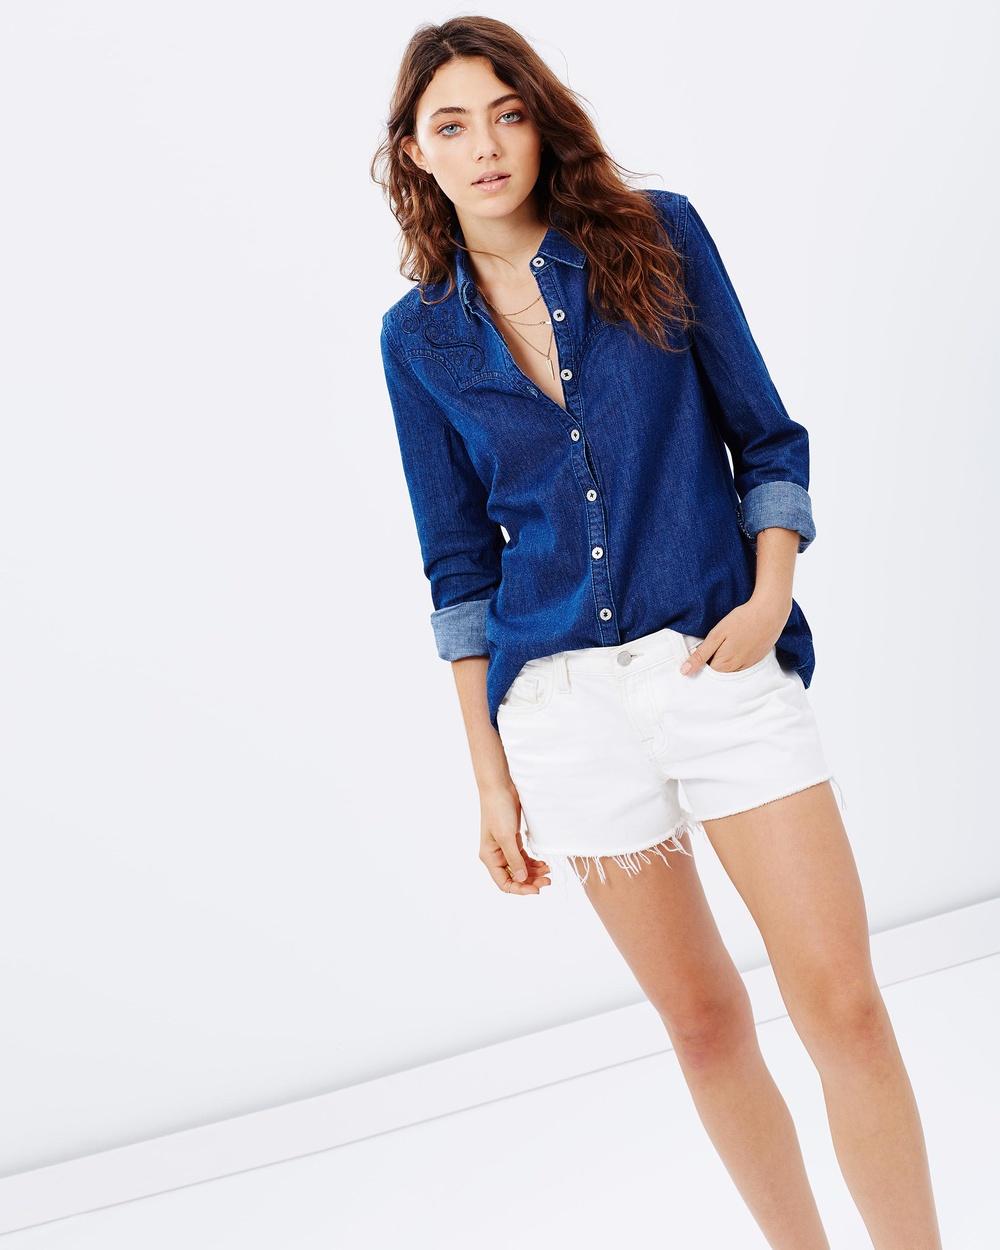 Someday Lovin' blues shirt $99.95